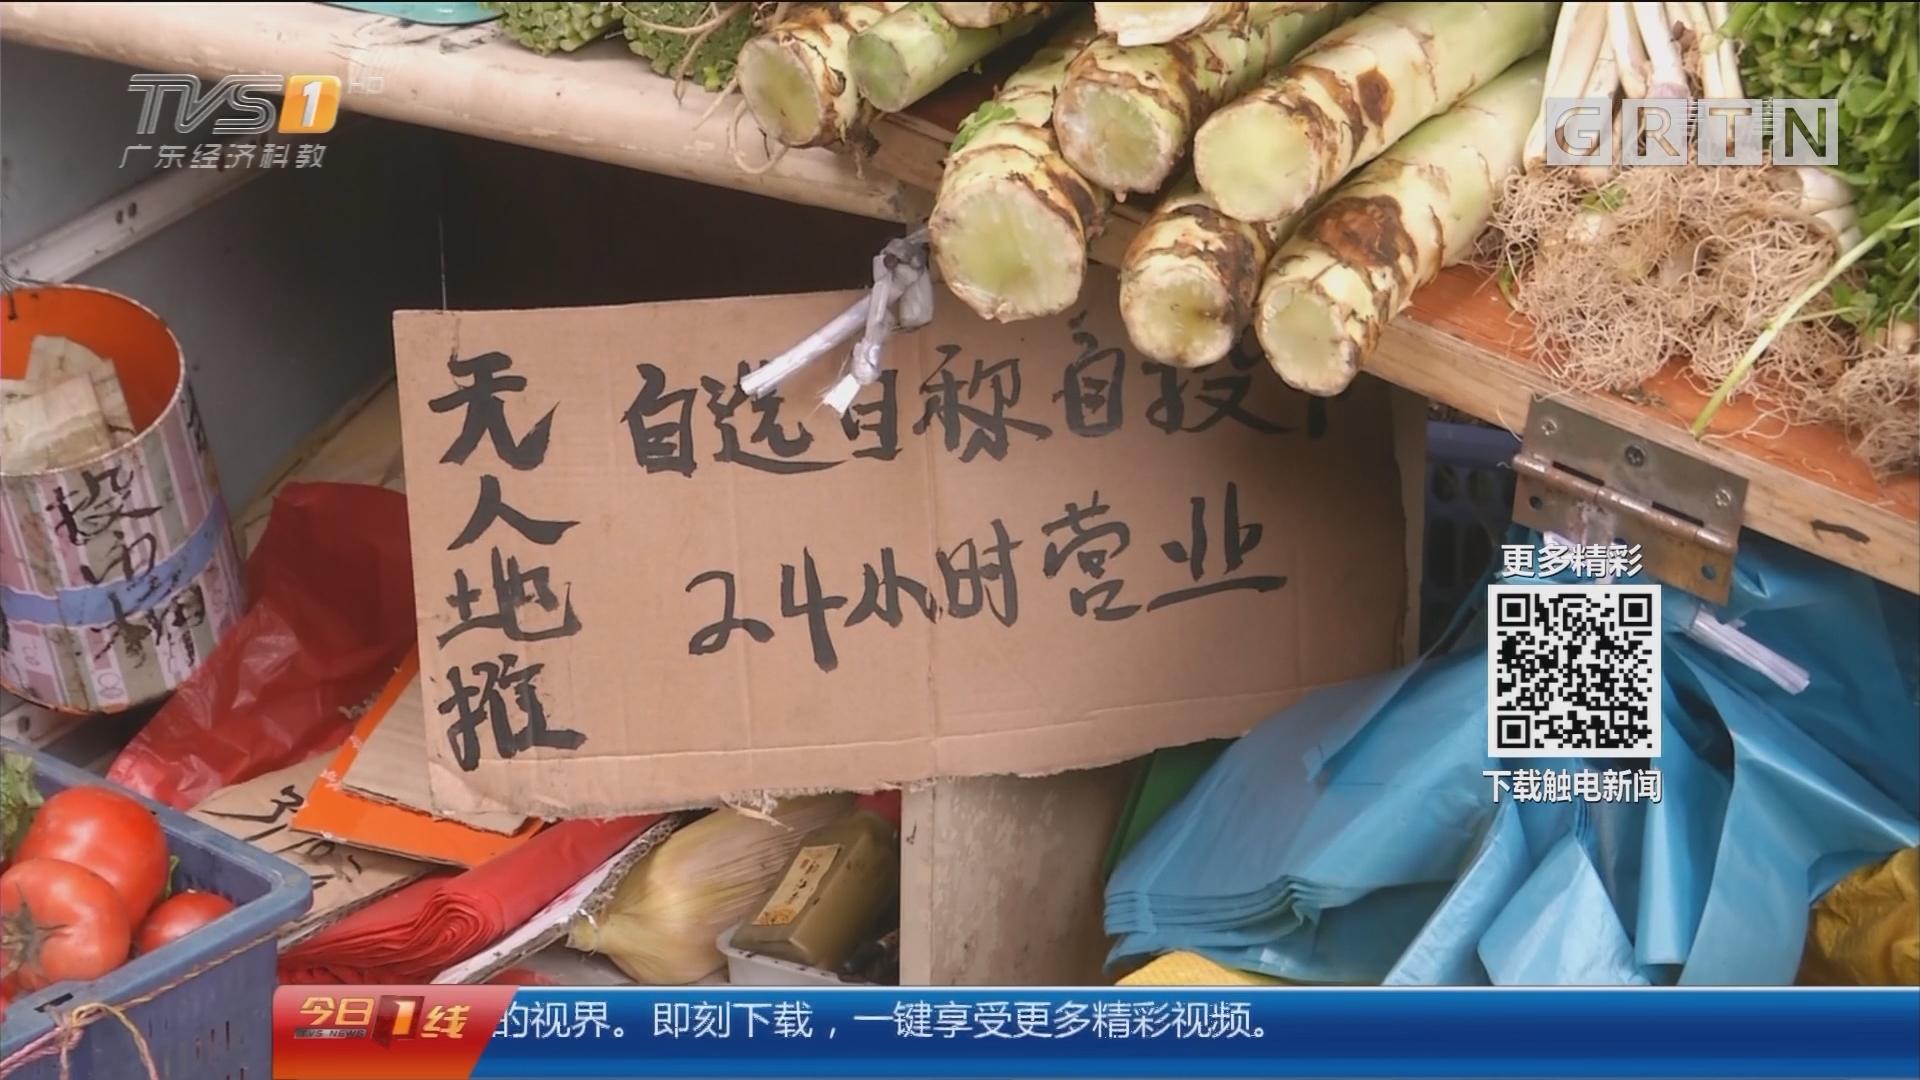 中山:路边无人菜档 自称自付见证诚信